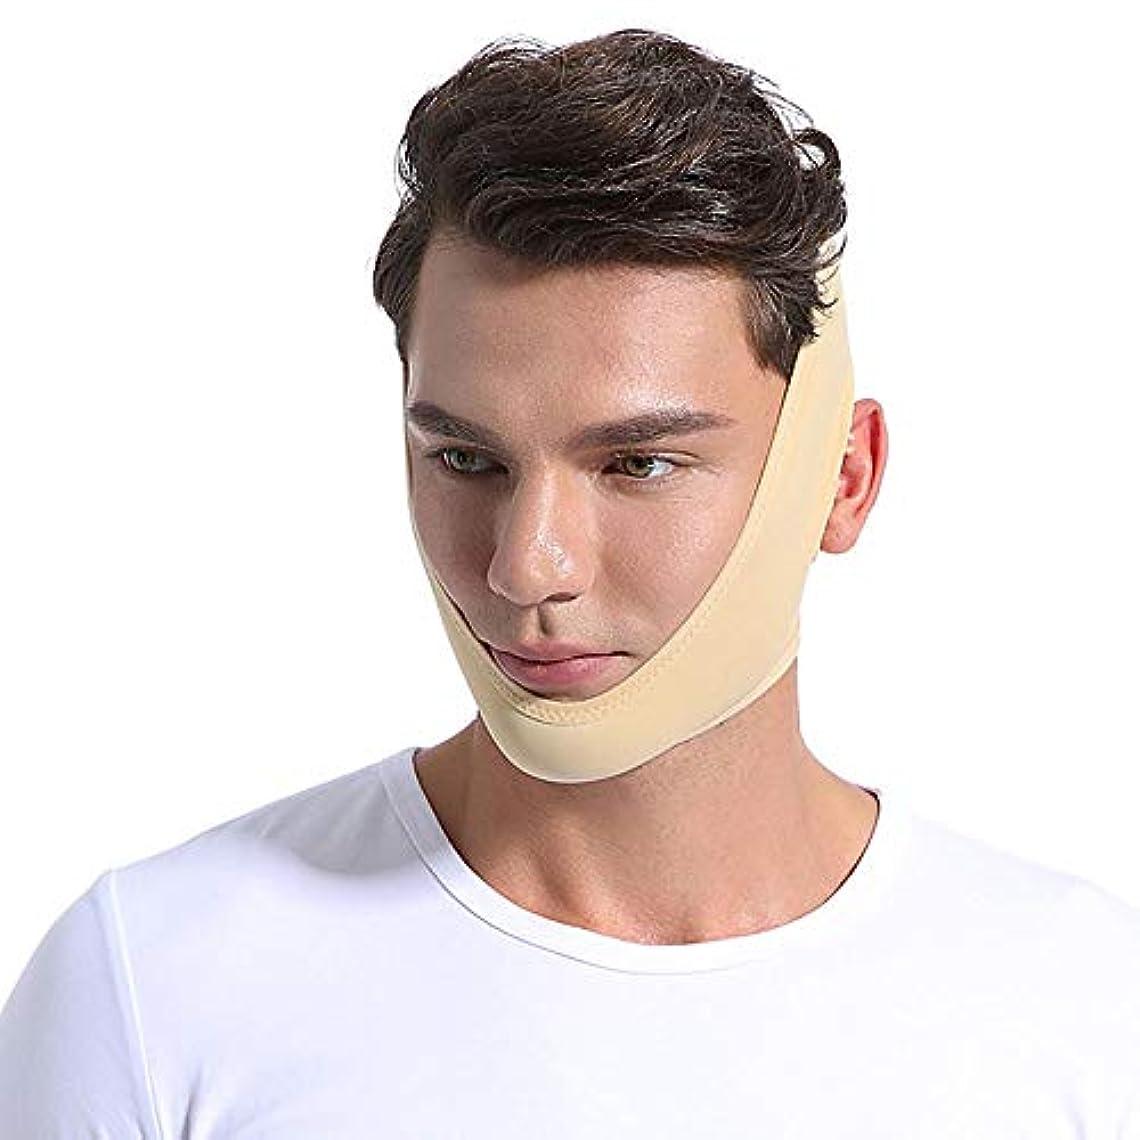 責任者かりてよろしく男性の顔の薄い顔、Vの顔の薄い顔の包帯/改装/フェイスマッサージ/リフトフェイスマスク/(色),XL